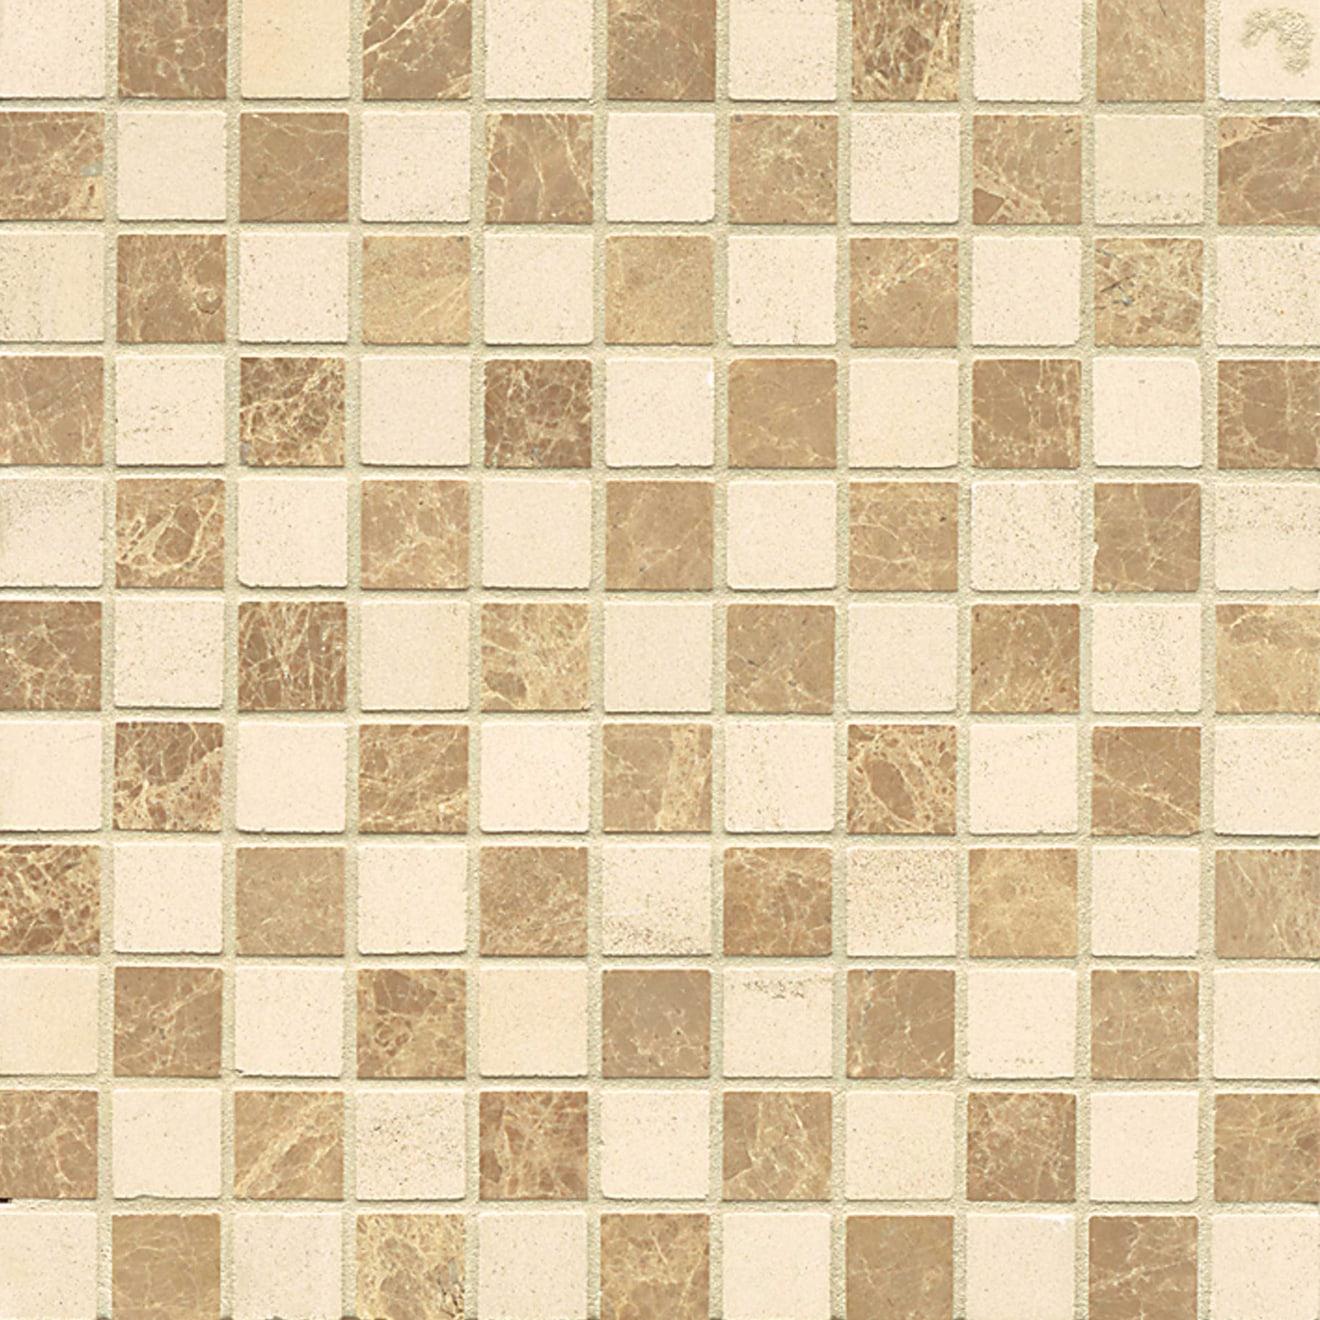 1X1 Checks Mosaic-Viburnum/ Mocha